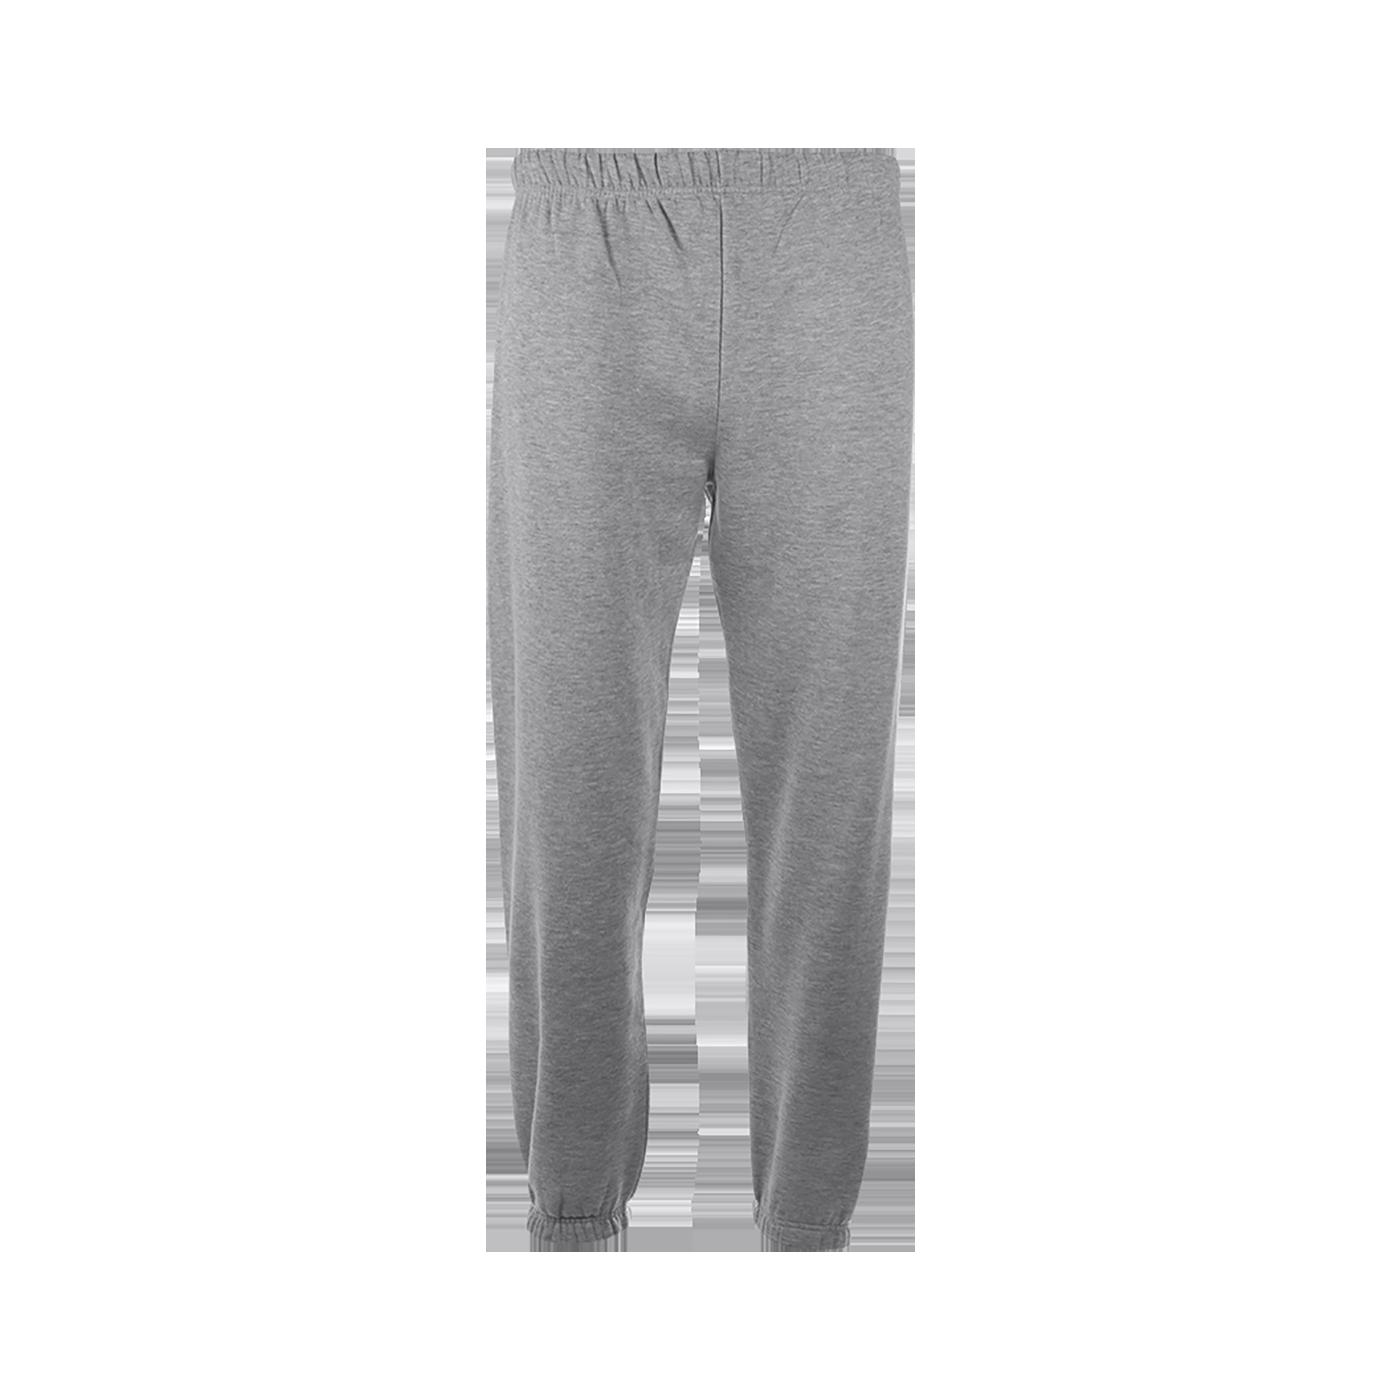 C2 Fleece Elastic Bottom Pant - Oxford